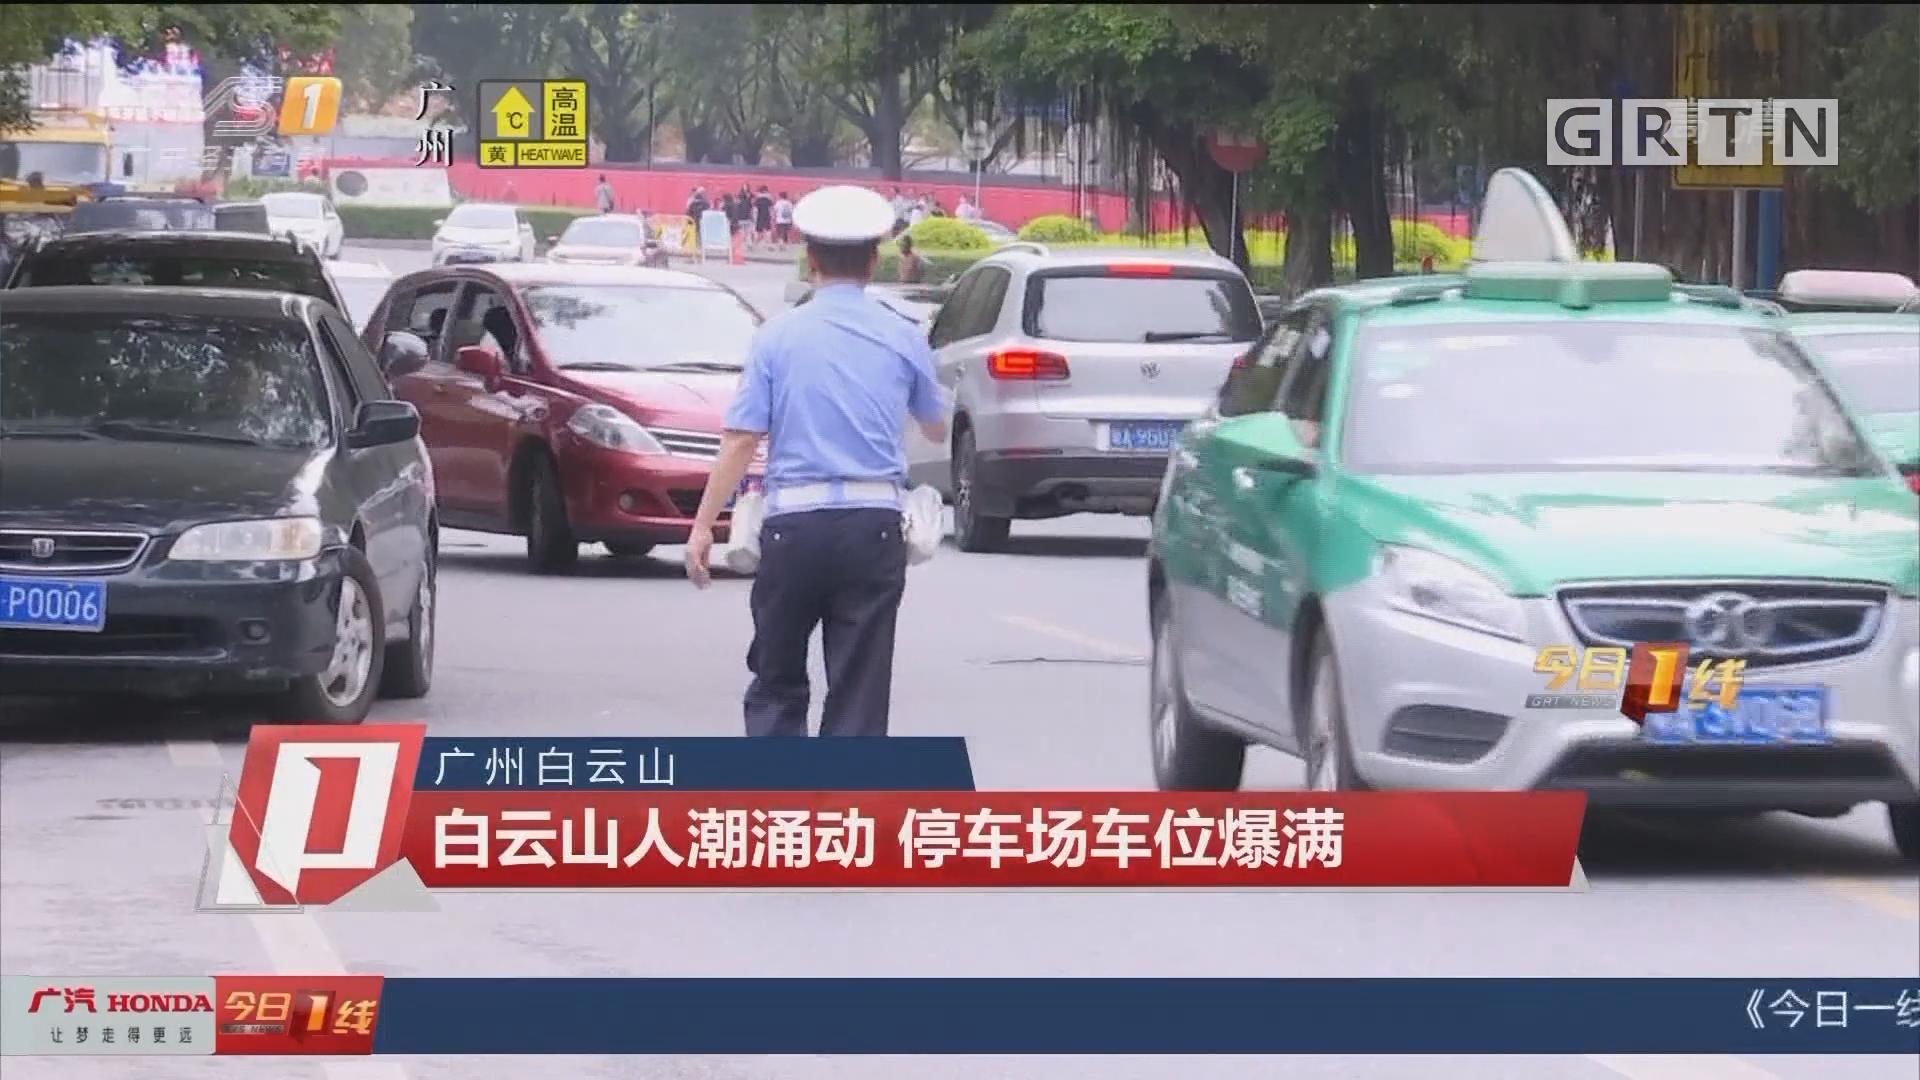 广州白云山:白云山人潮涌动 停车场车位爆满